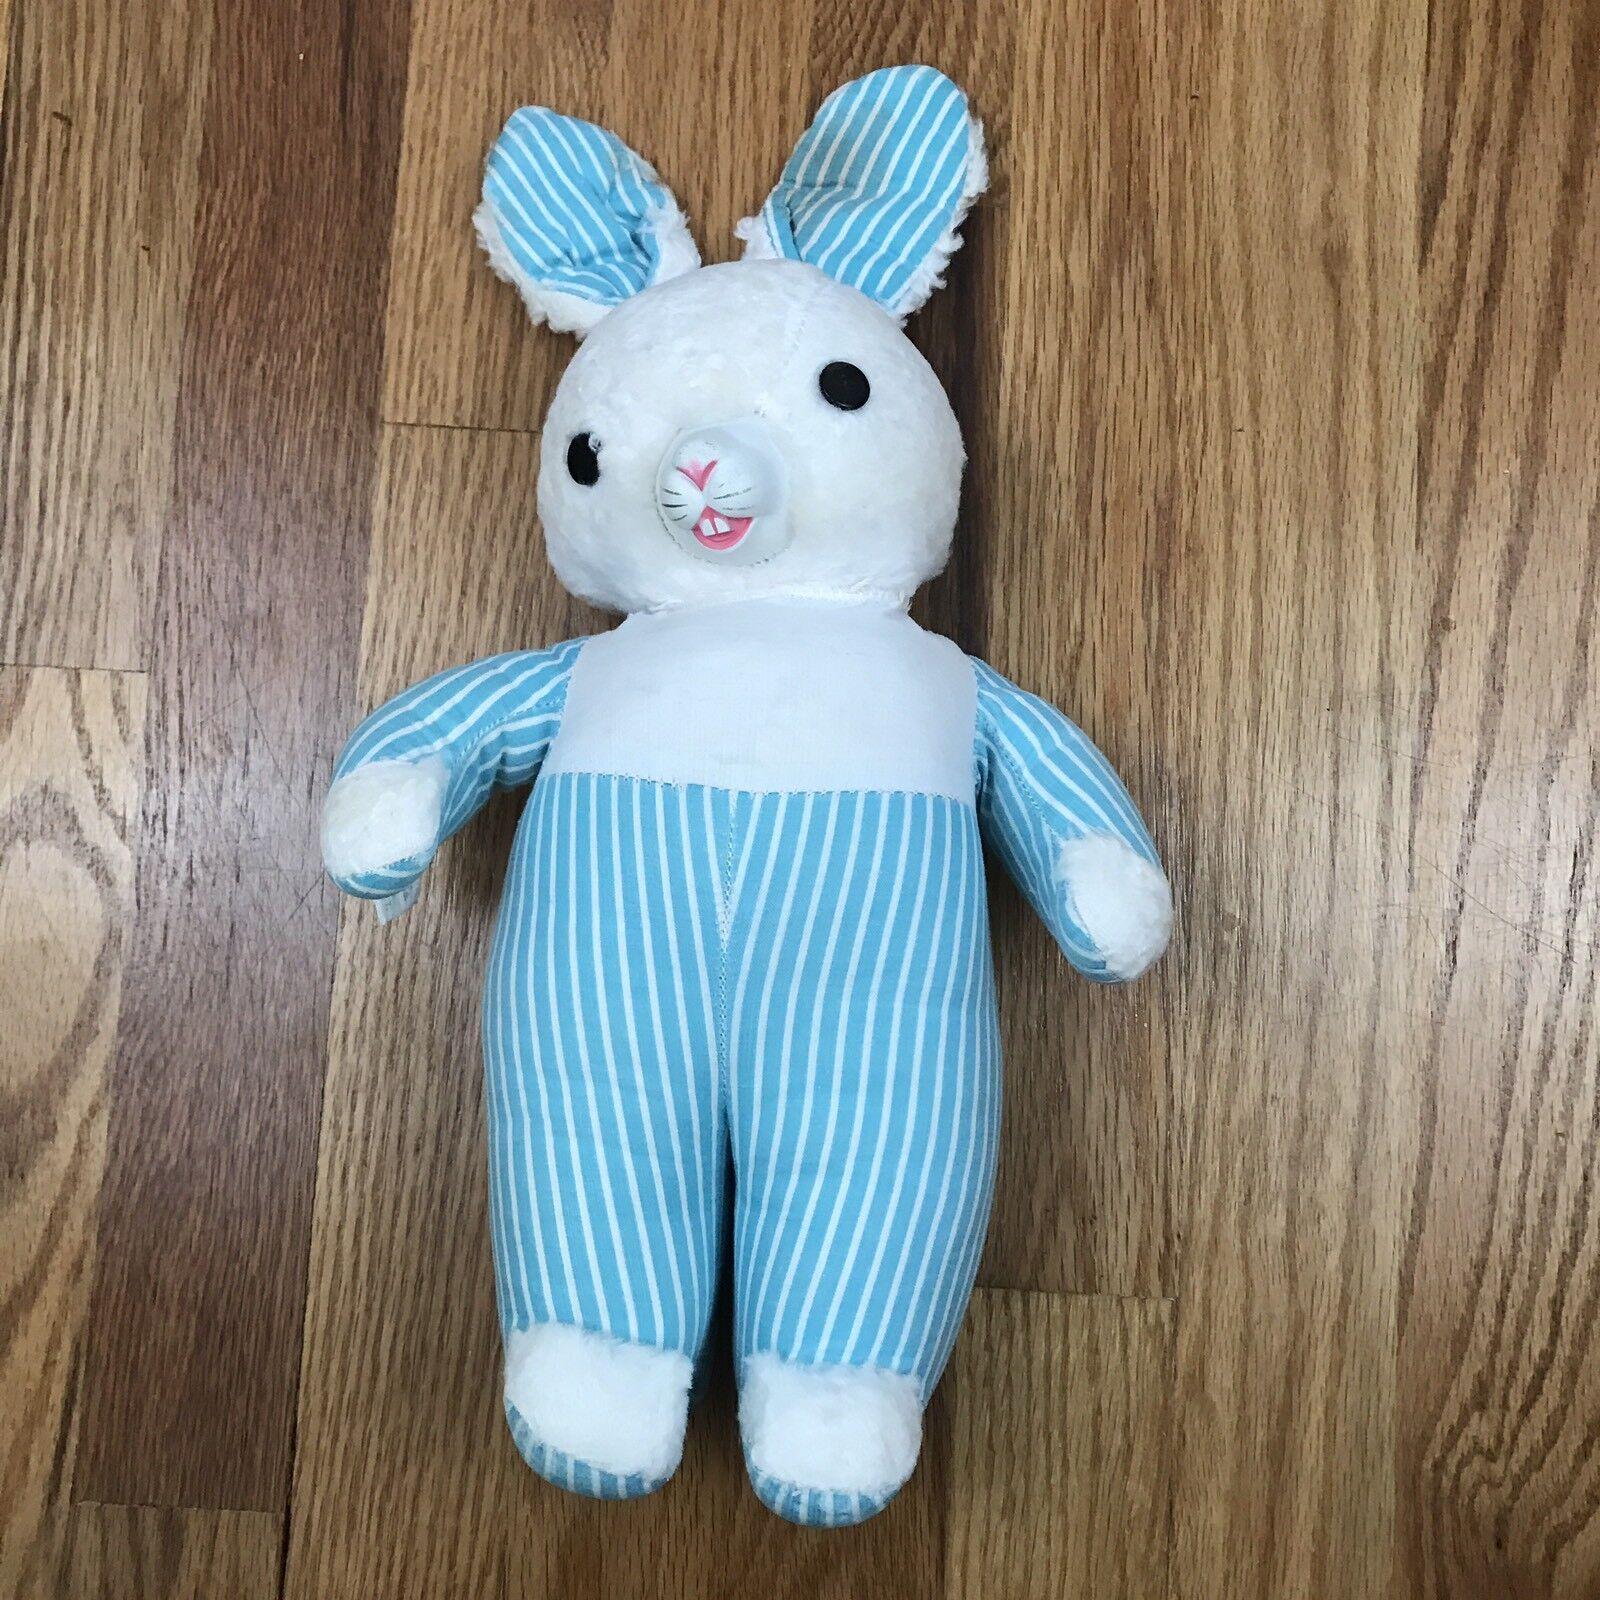 VTG Gund Blau Striped Bunny Hard Rubber Face Swedlin 40s 50s Easter